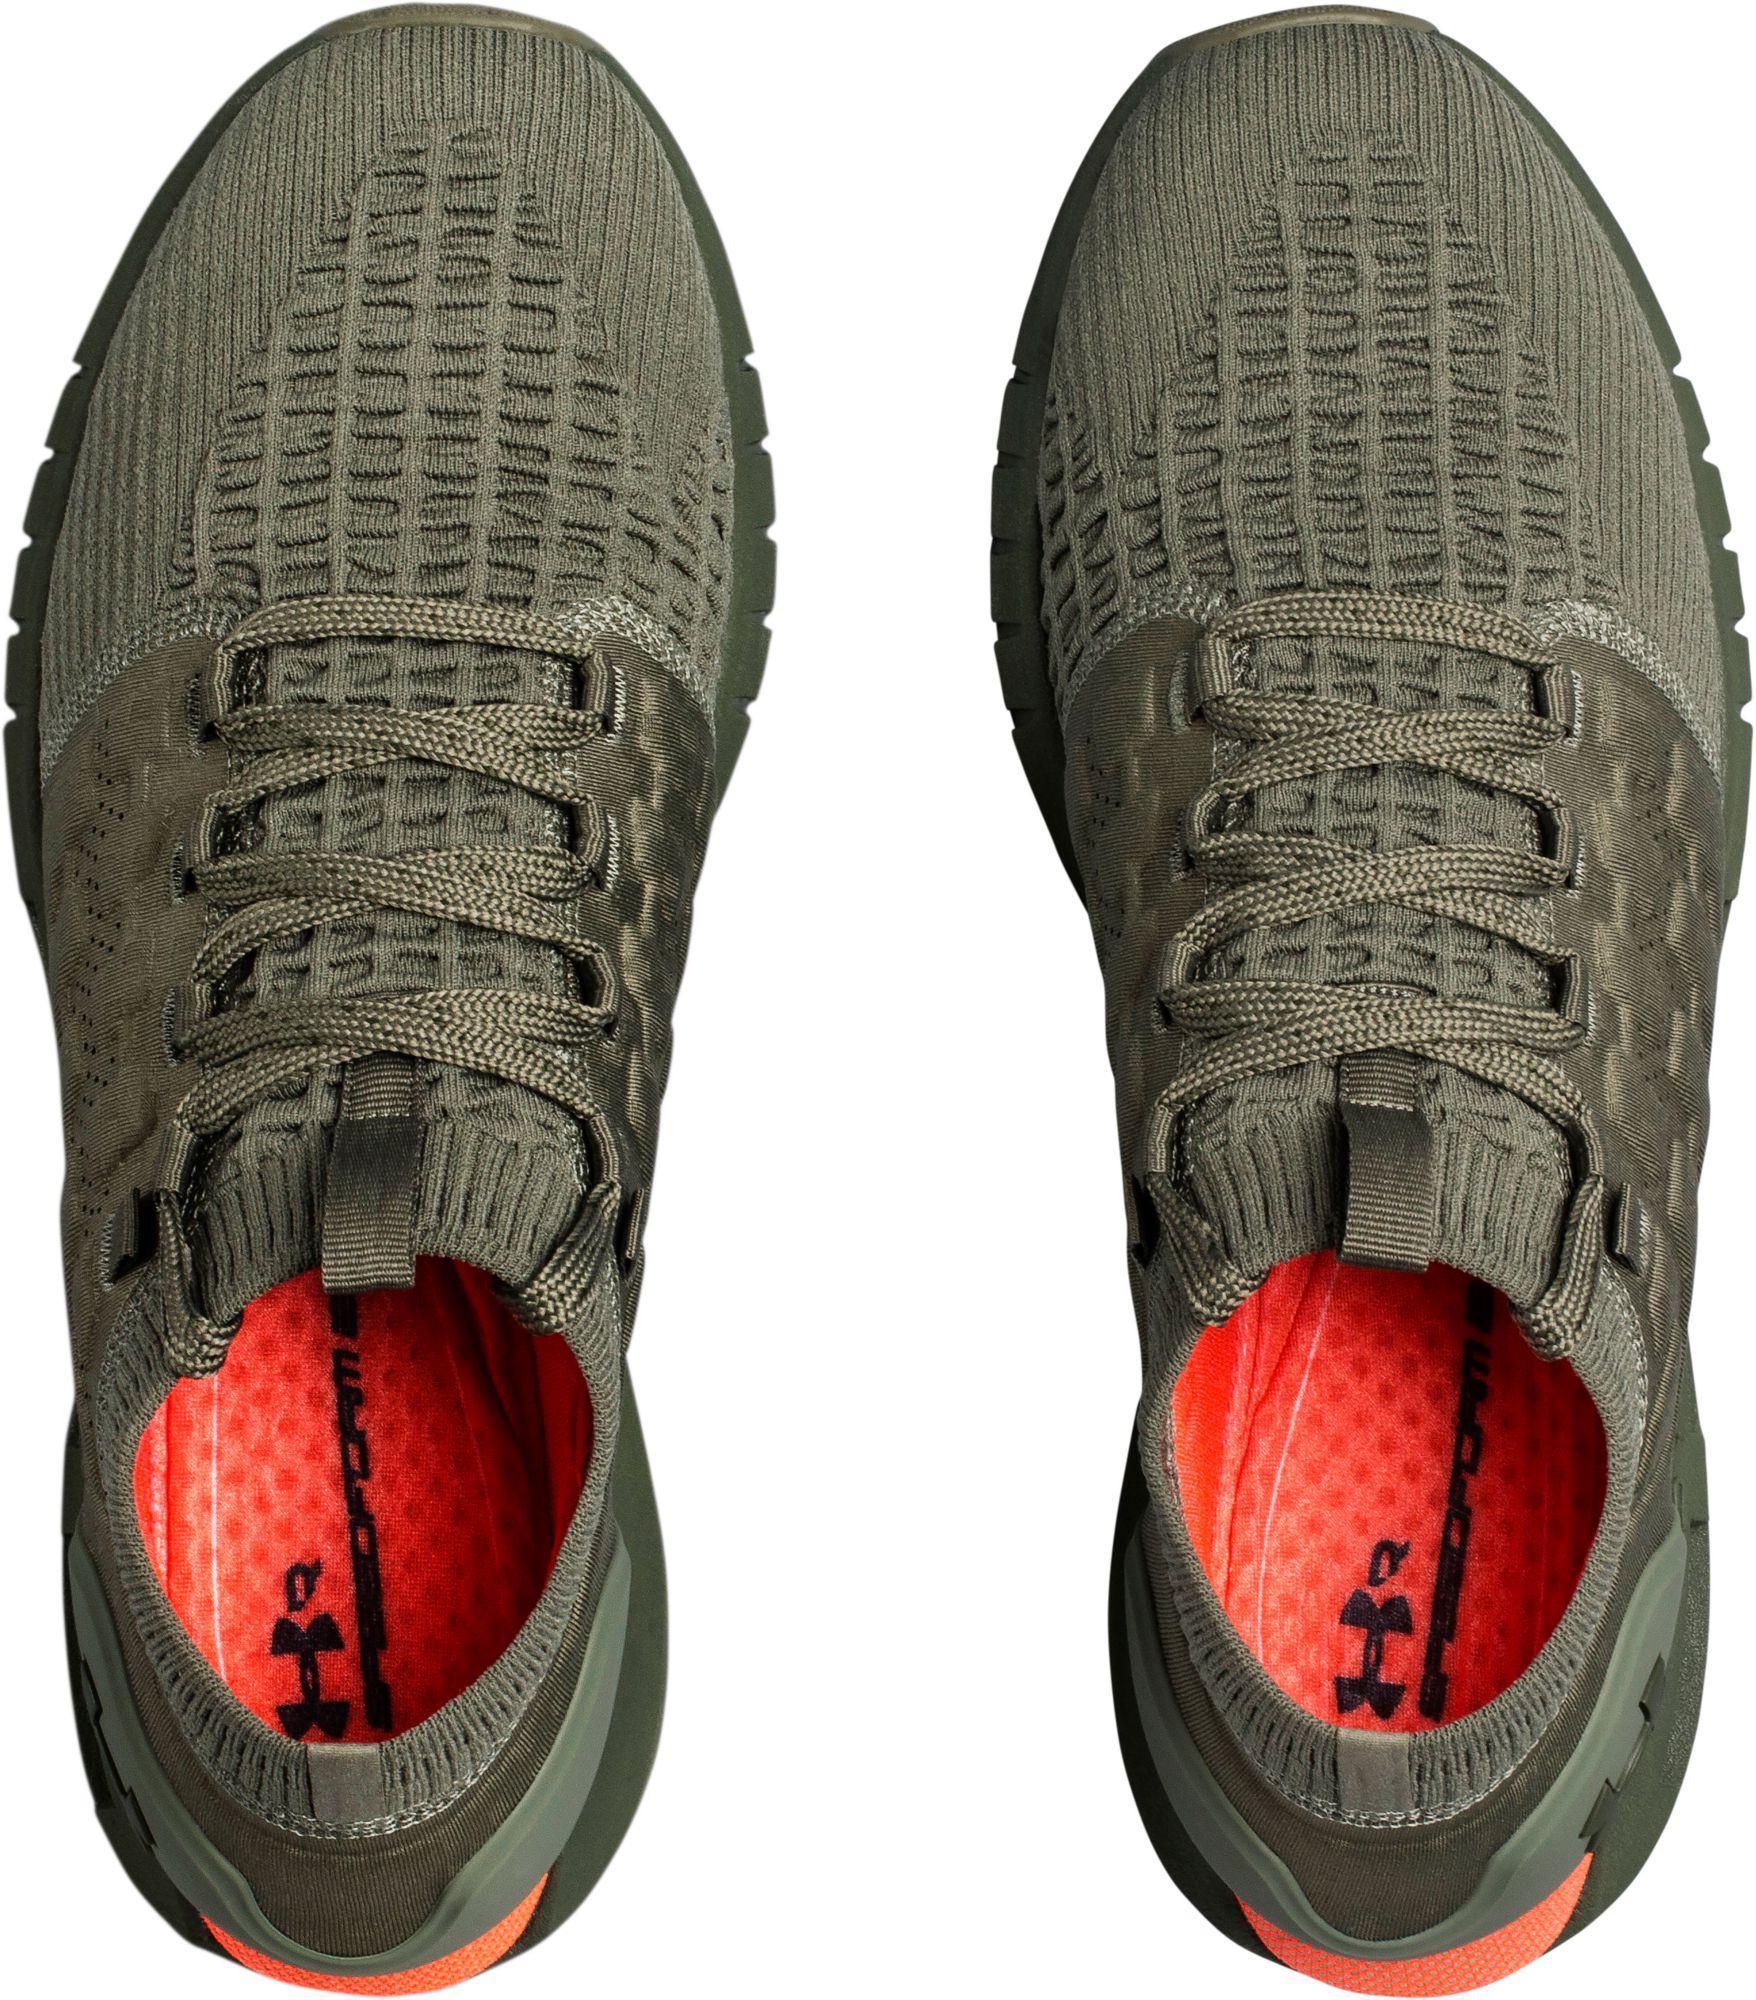 Hovr Phantom Running Shoes